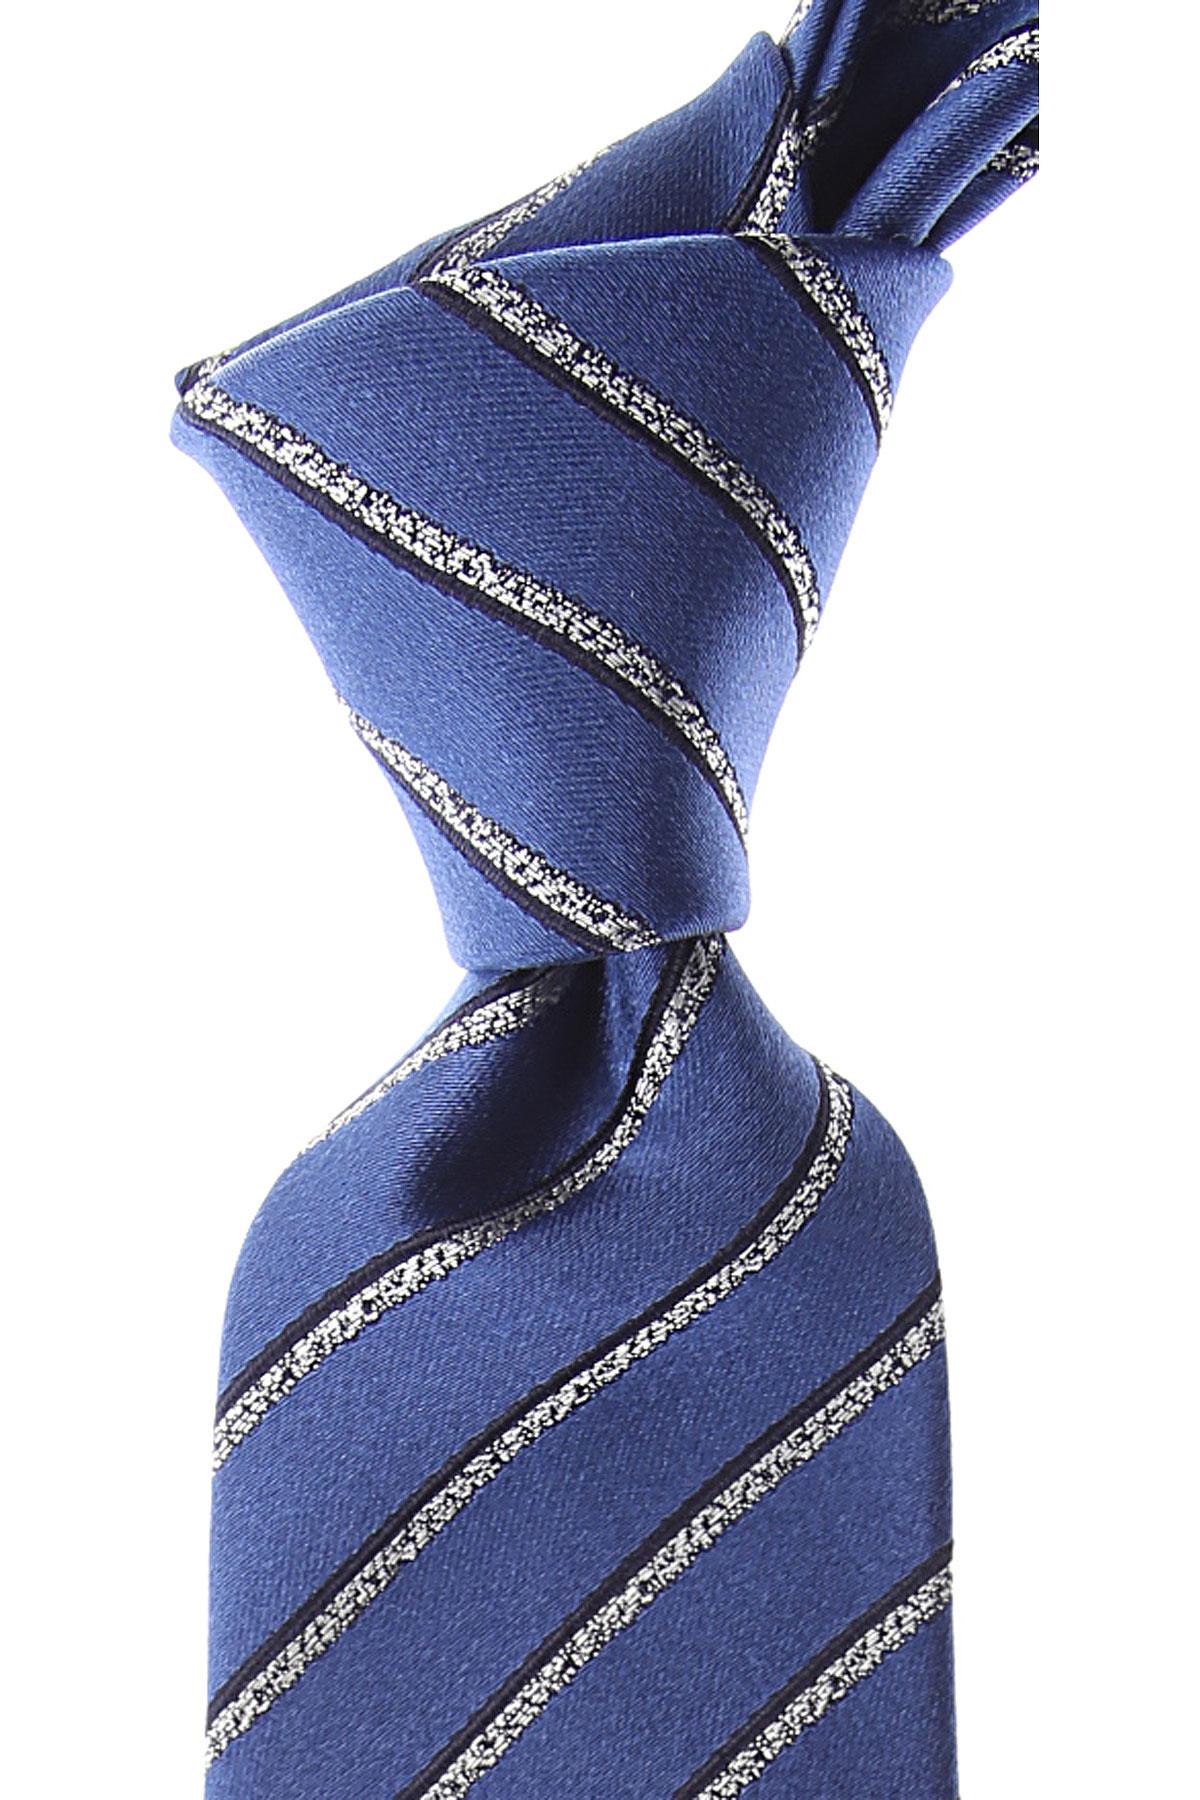 Canali Cravates Pas cher en Soldes, Bleu Royal, Soie, 2019